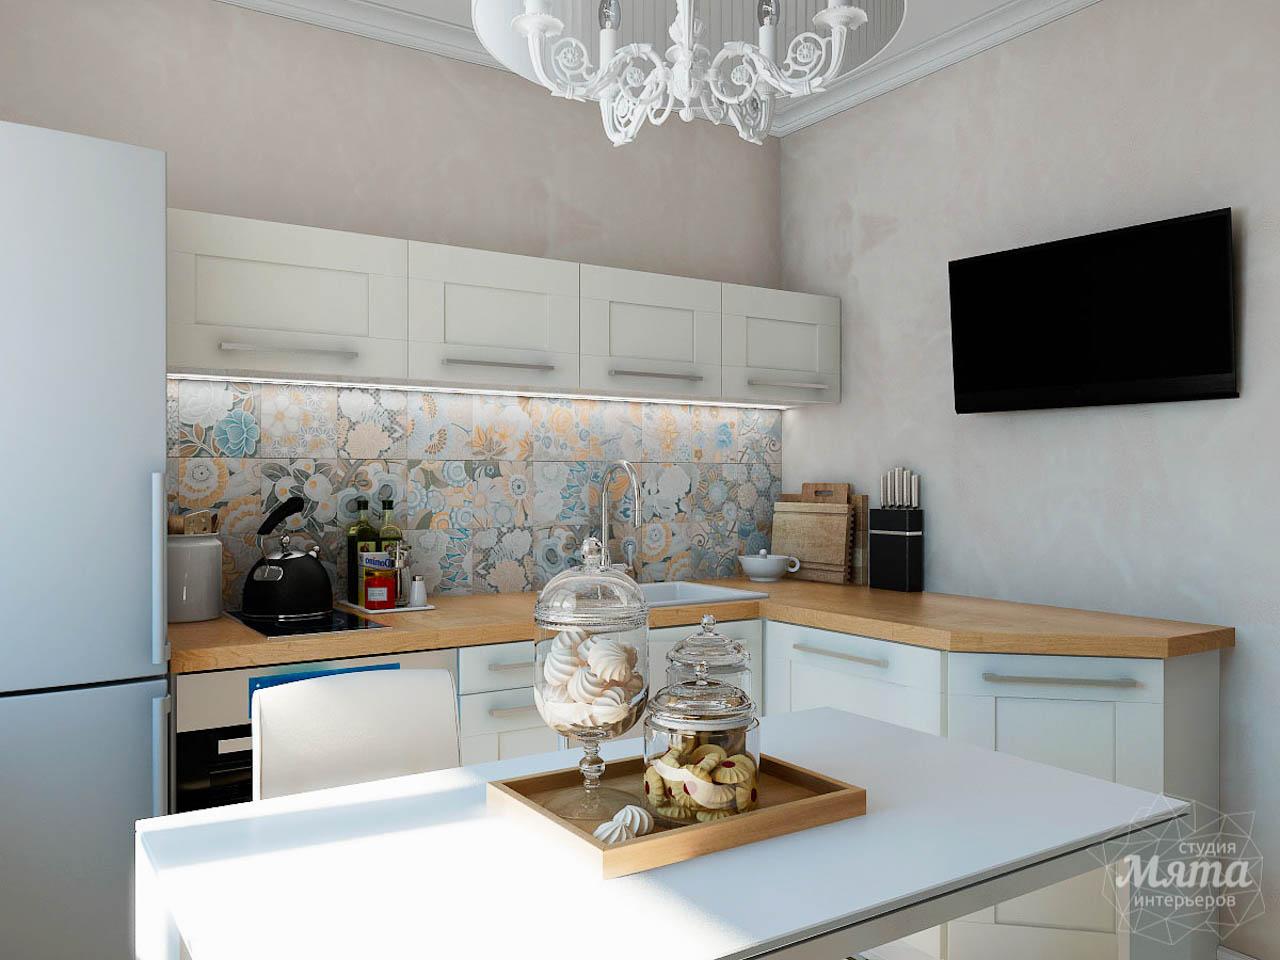 Дизайн интерьера однокомнатной квартиры по ул. Мичурина 231 img1510287185